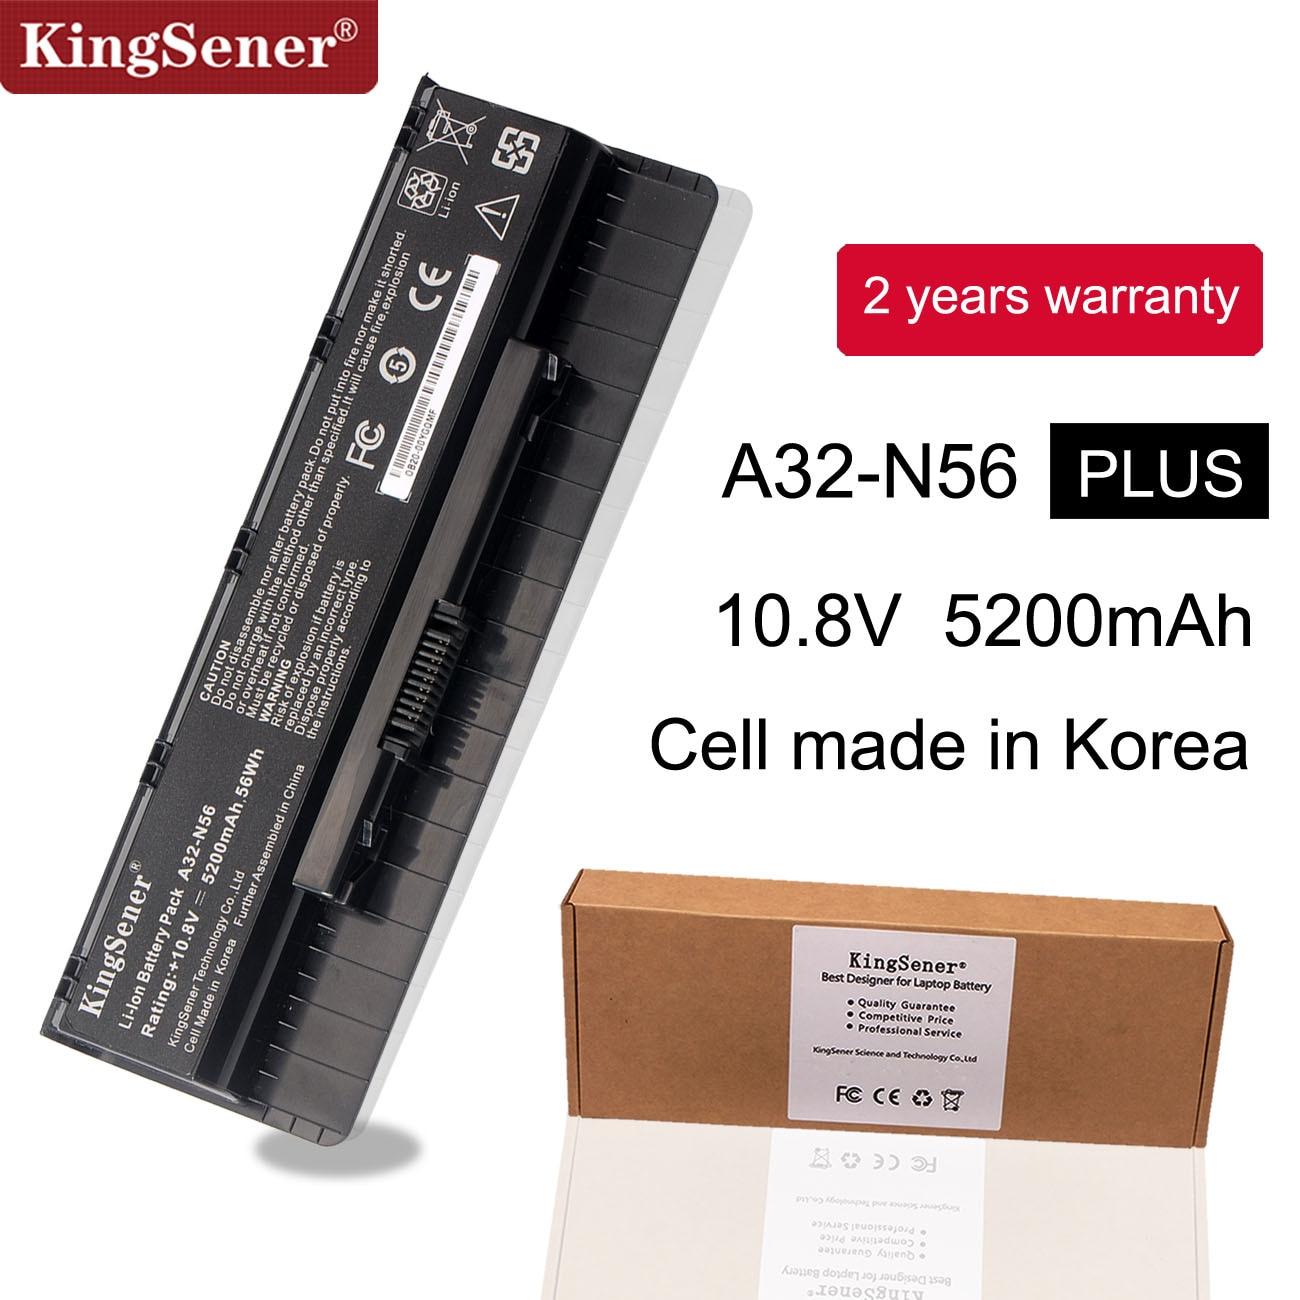 10.8V 5200mAh Korea Cell New A32-N56 Battery For ASUS N46 N46V N46VJ N46VM N46VZ N56 N56V N56VJ N56VM N76 N76VZ A31-N56 A33-N56